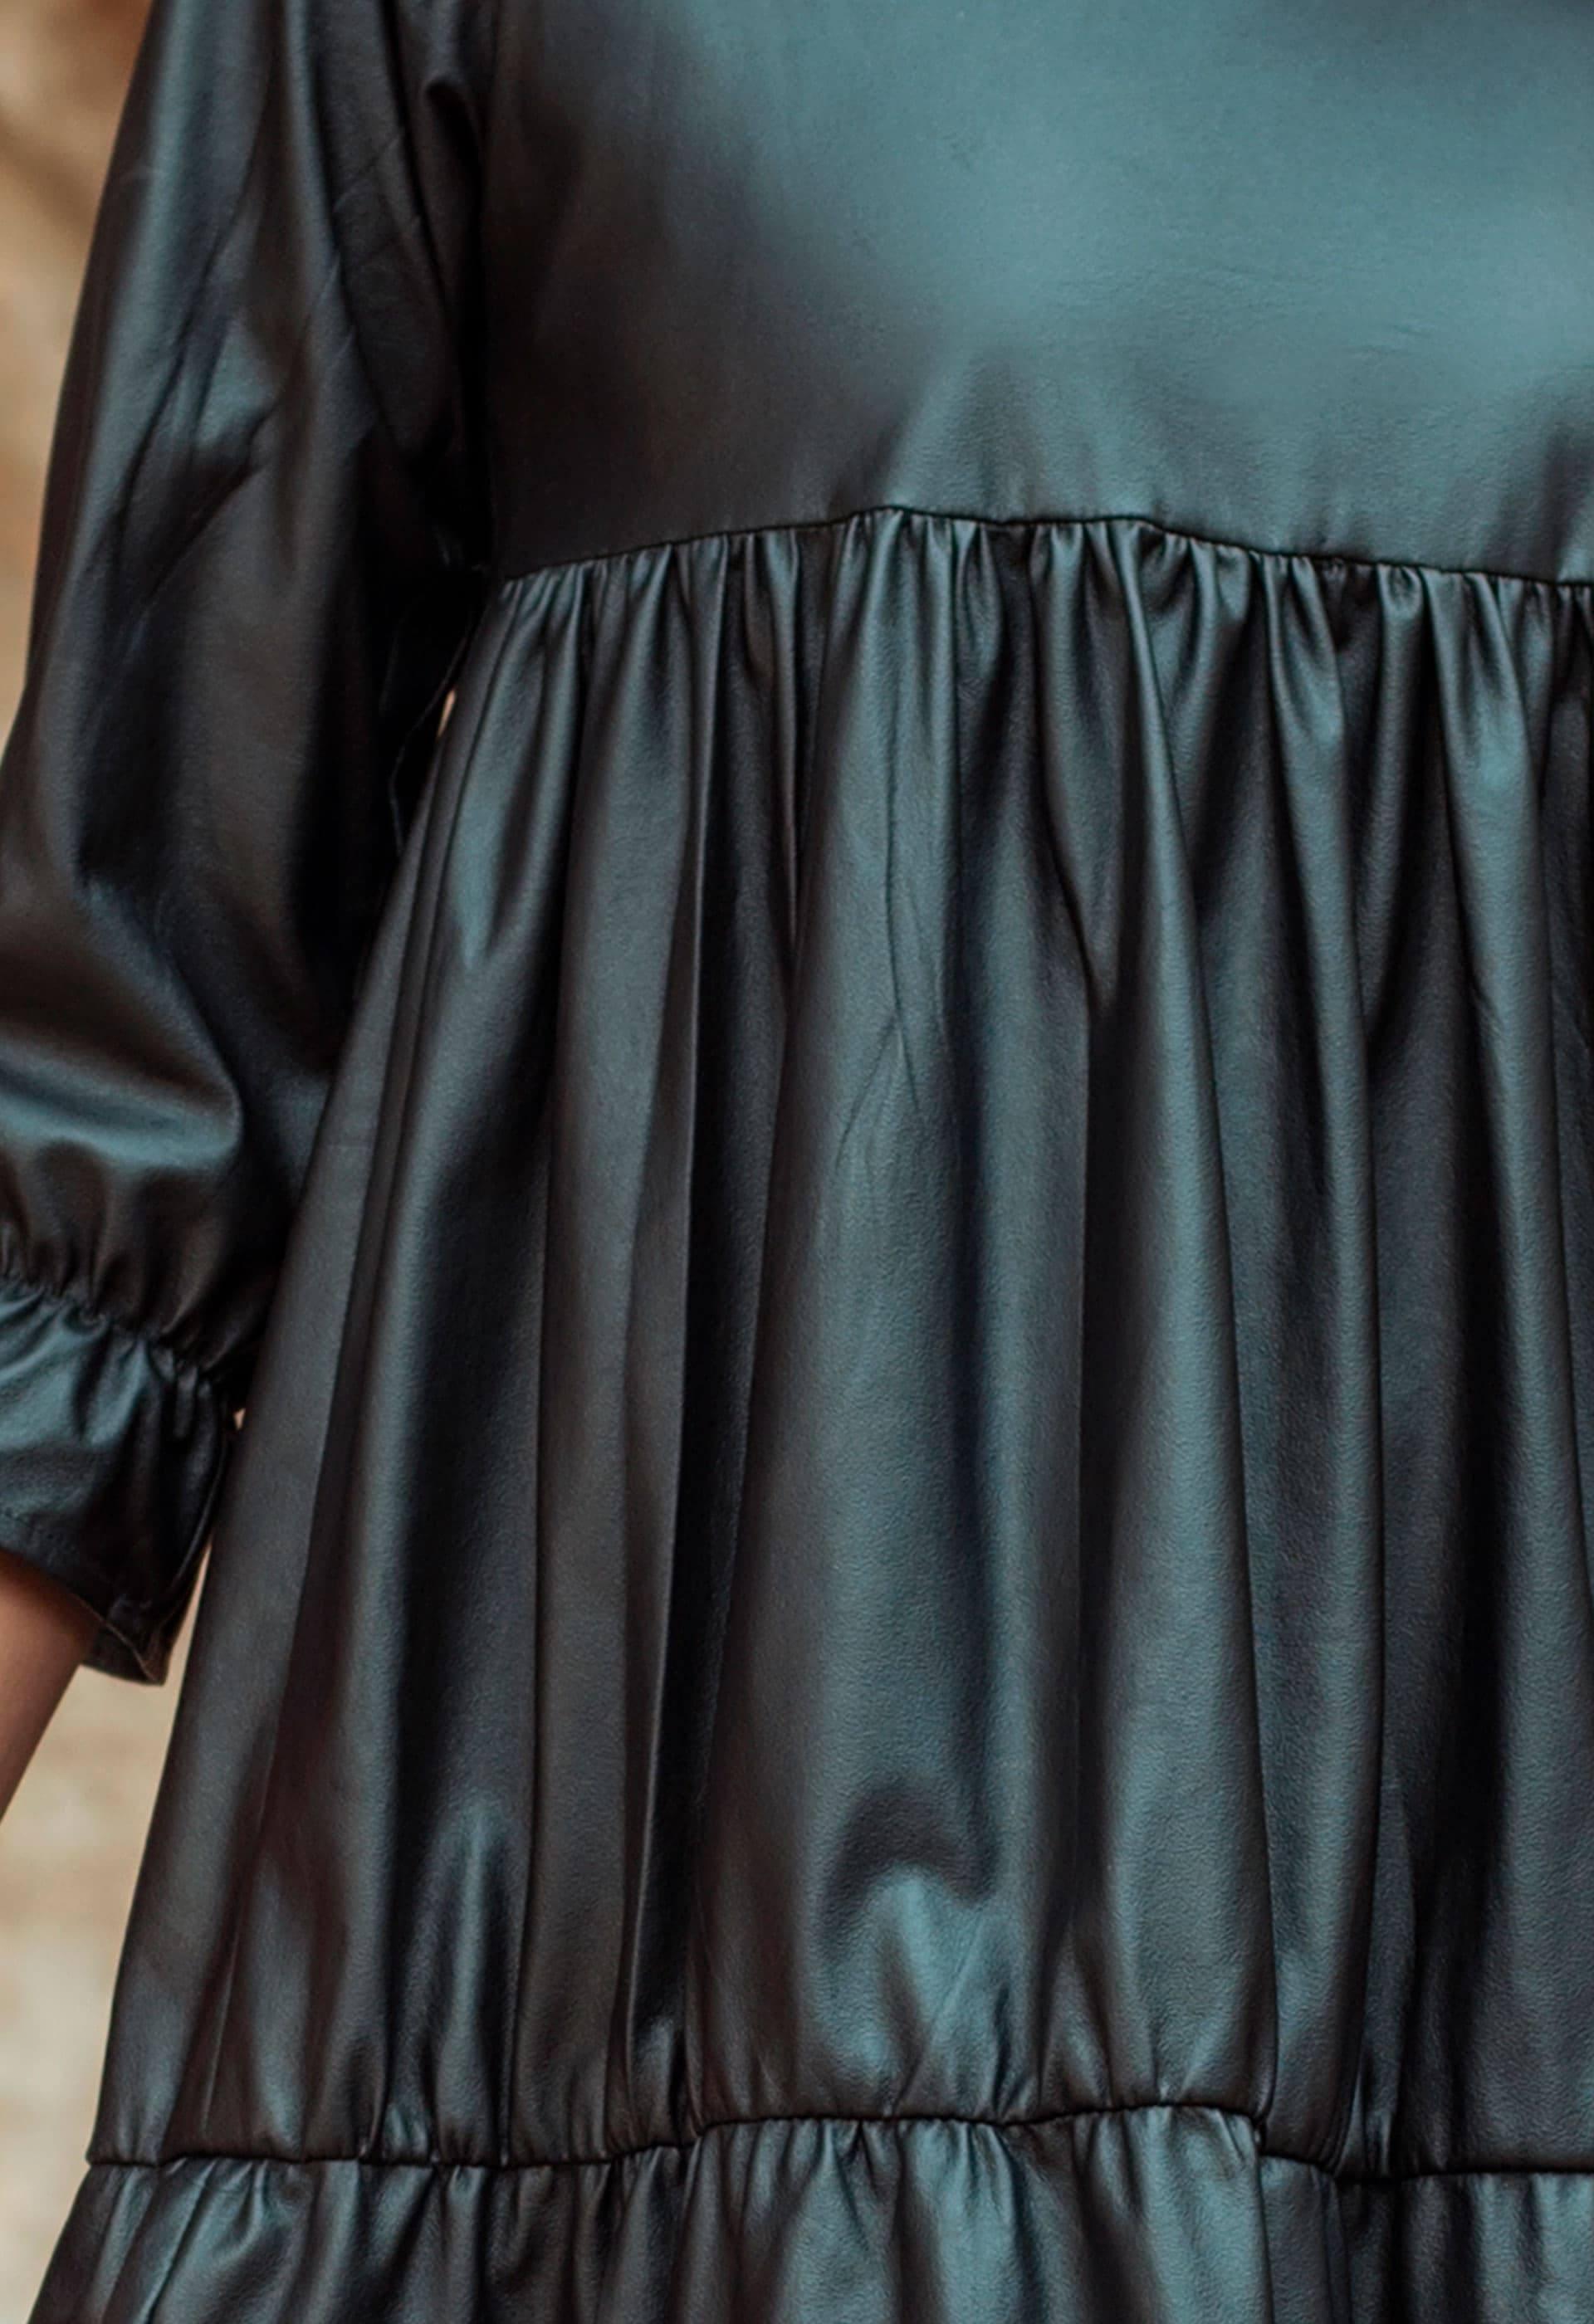 Detalle del tejido simil piel del vestido IO DREAMS